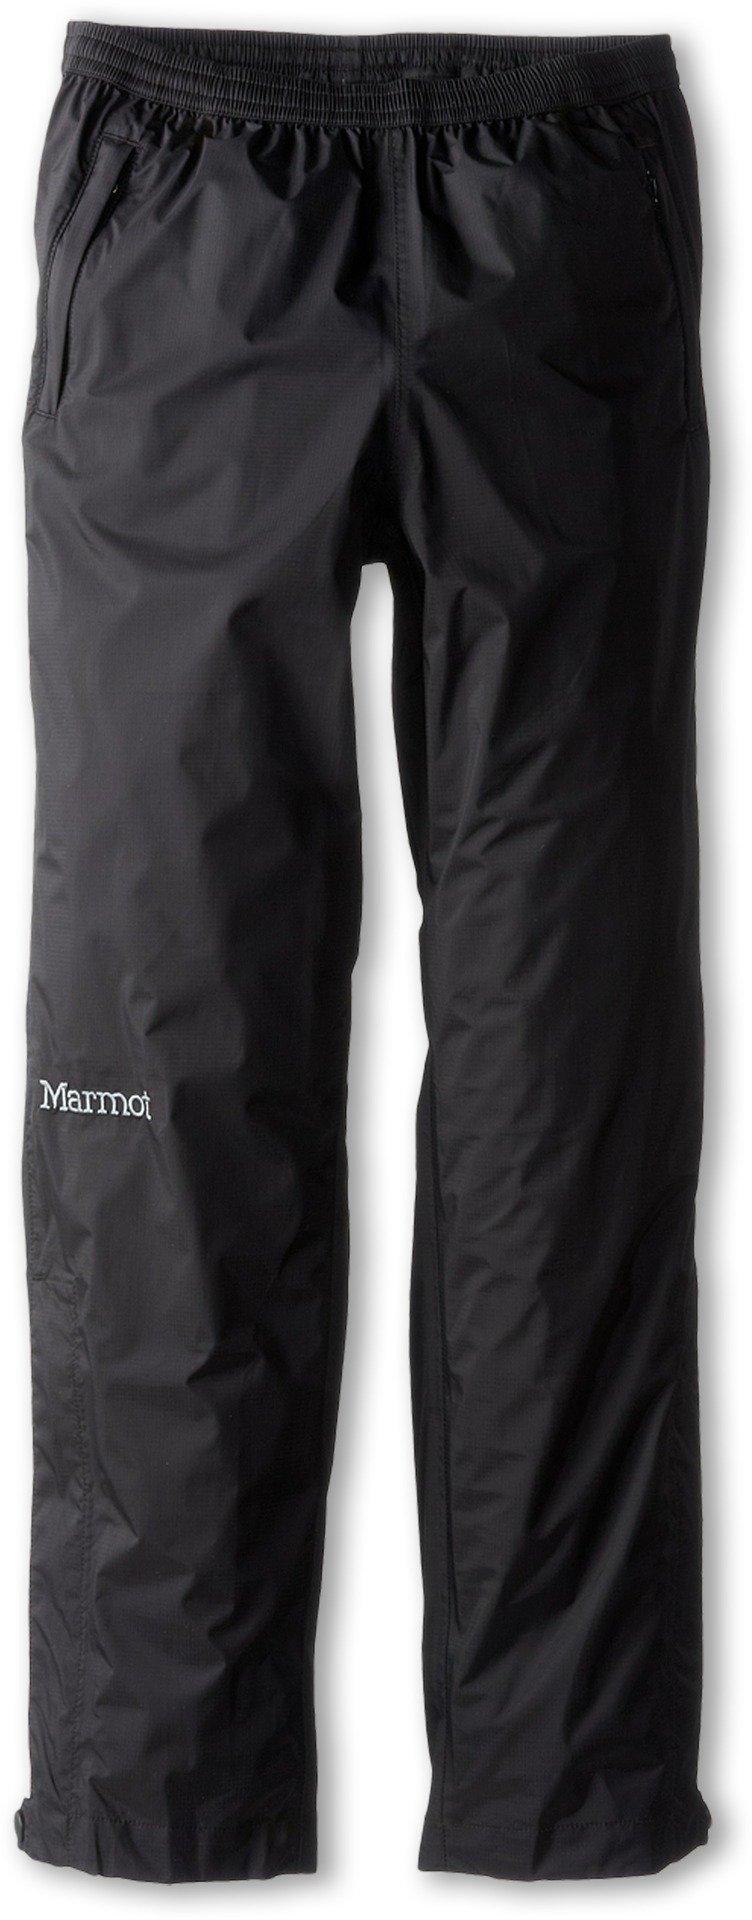 Marmot Kids Unisex Kid's PreCip Pant (Little Kids/Big Kids) Black X-Small